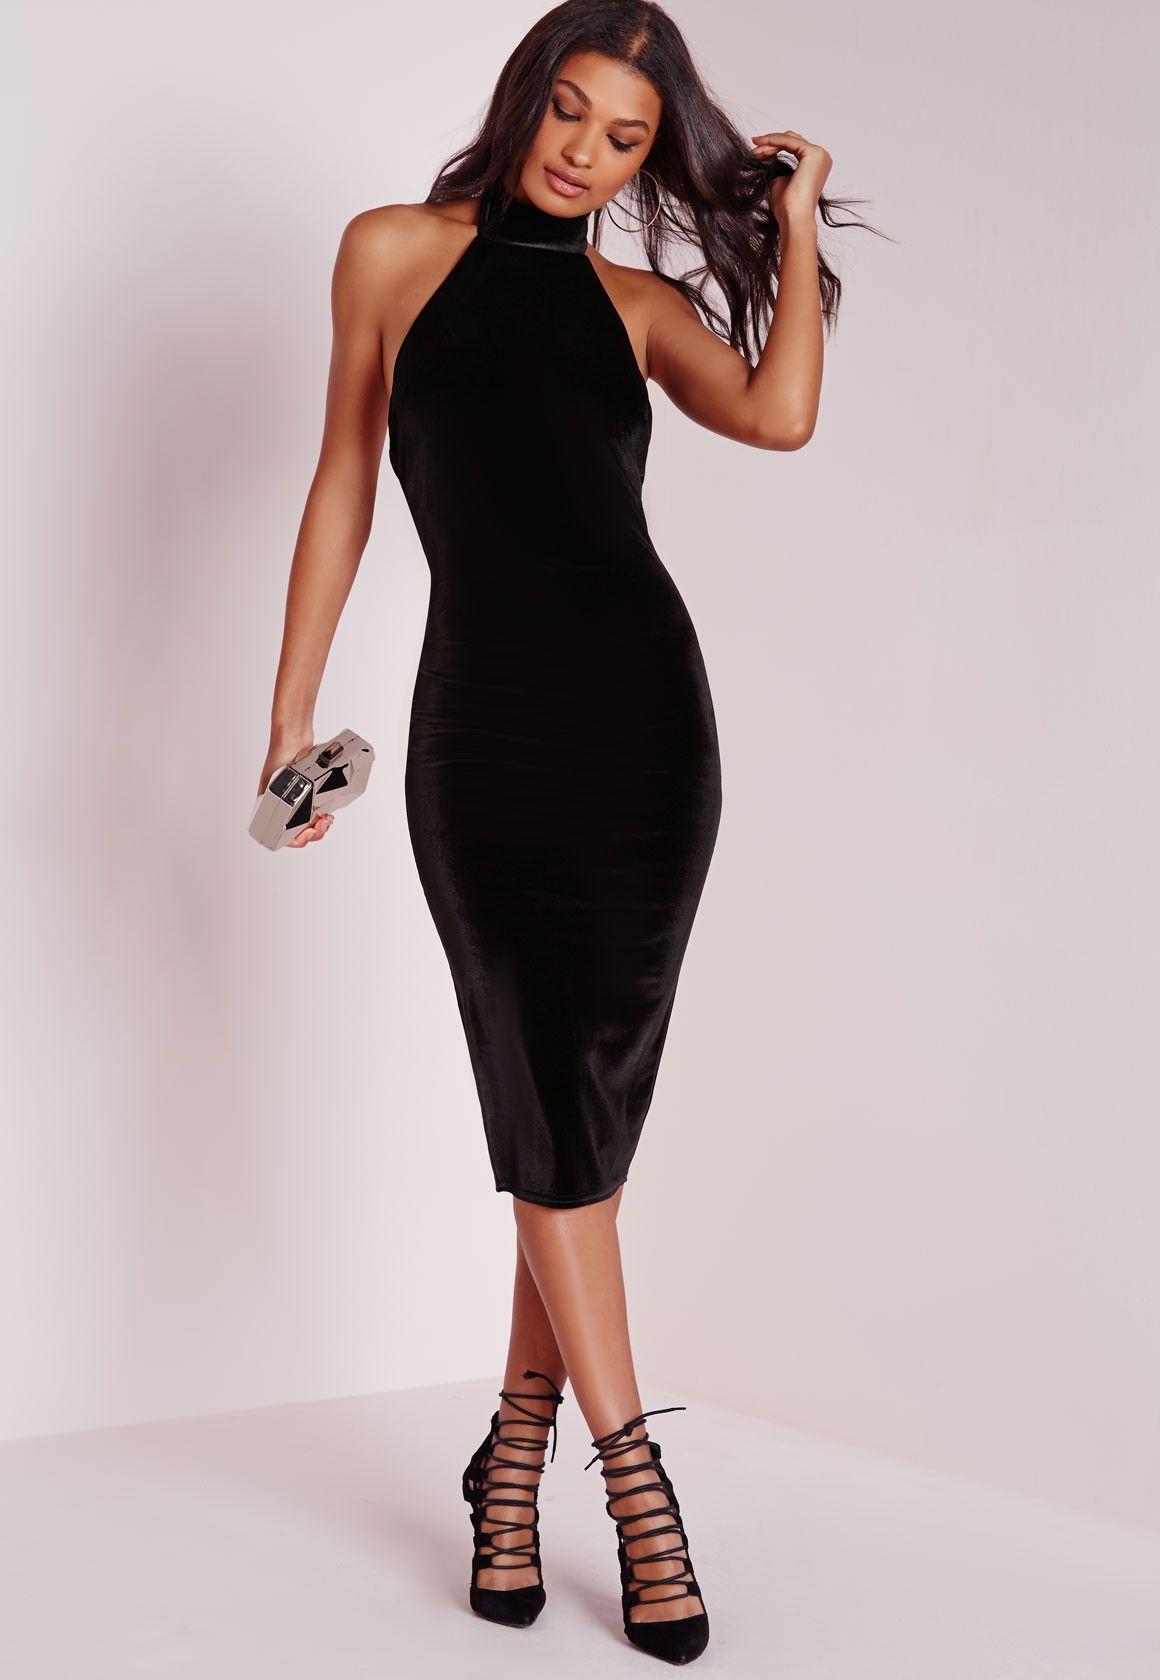 Panties black velvet bodycon midi dress with sleeves jill karen scott